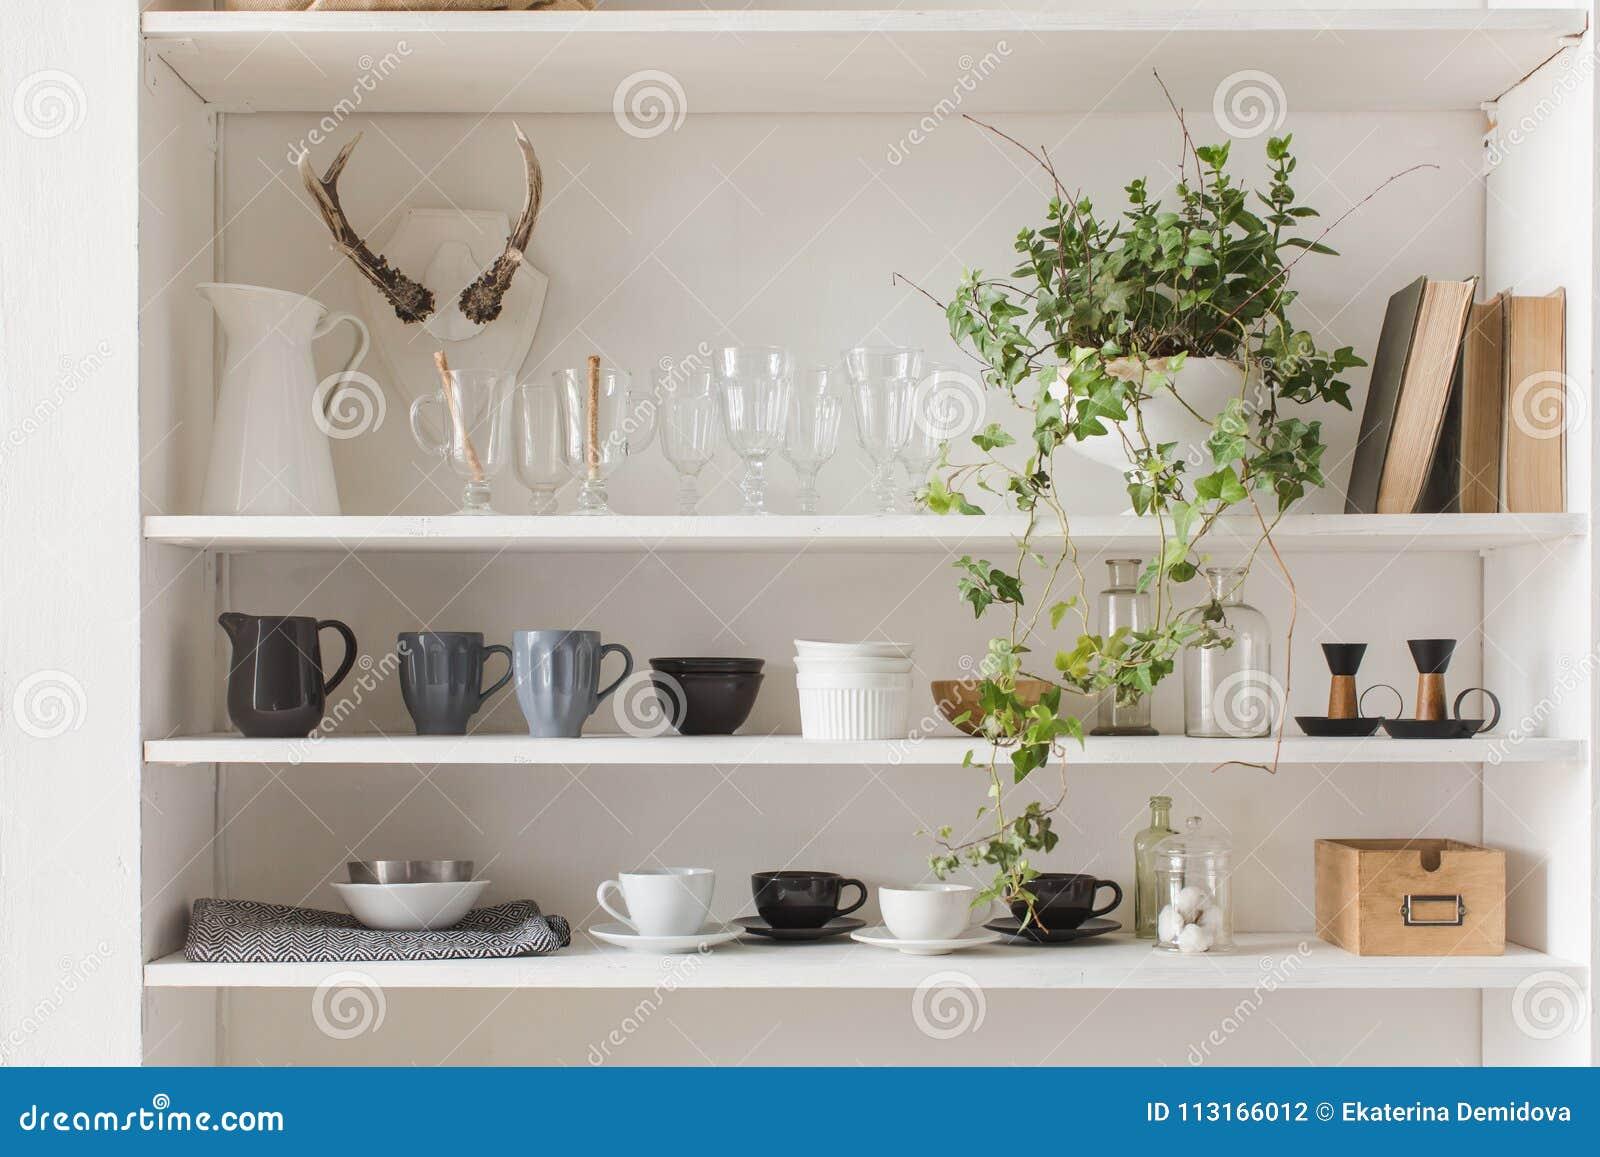 Küchenschrank. Ikea Outdoor Küche Einrichten Unterschrank ...